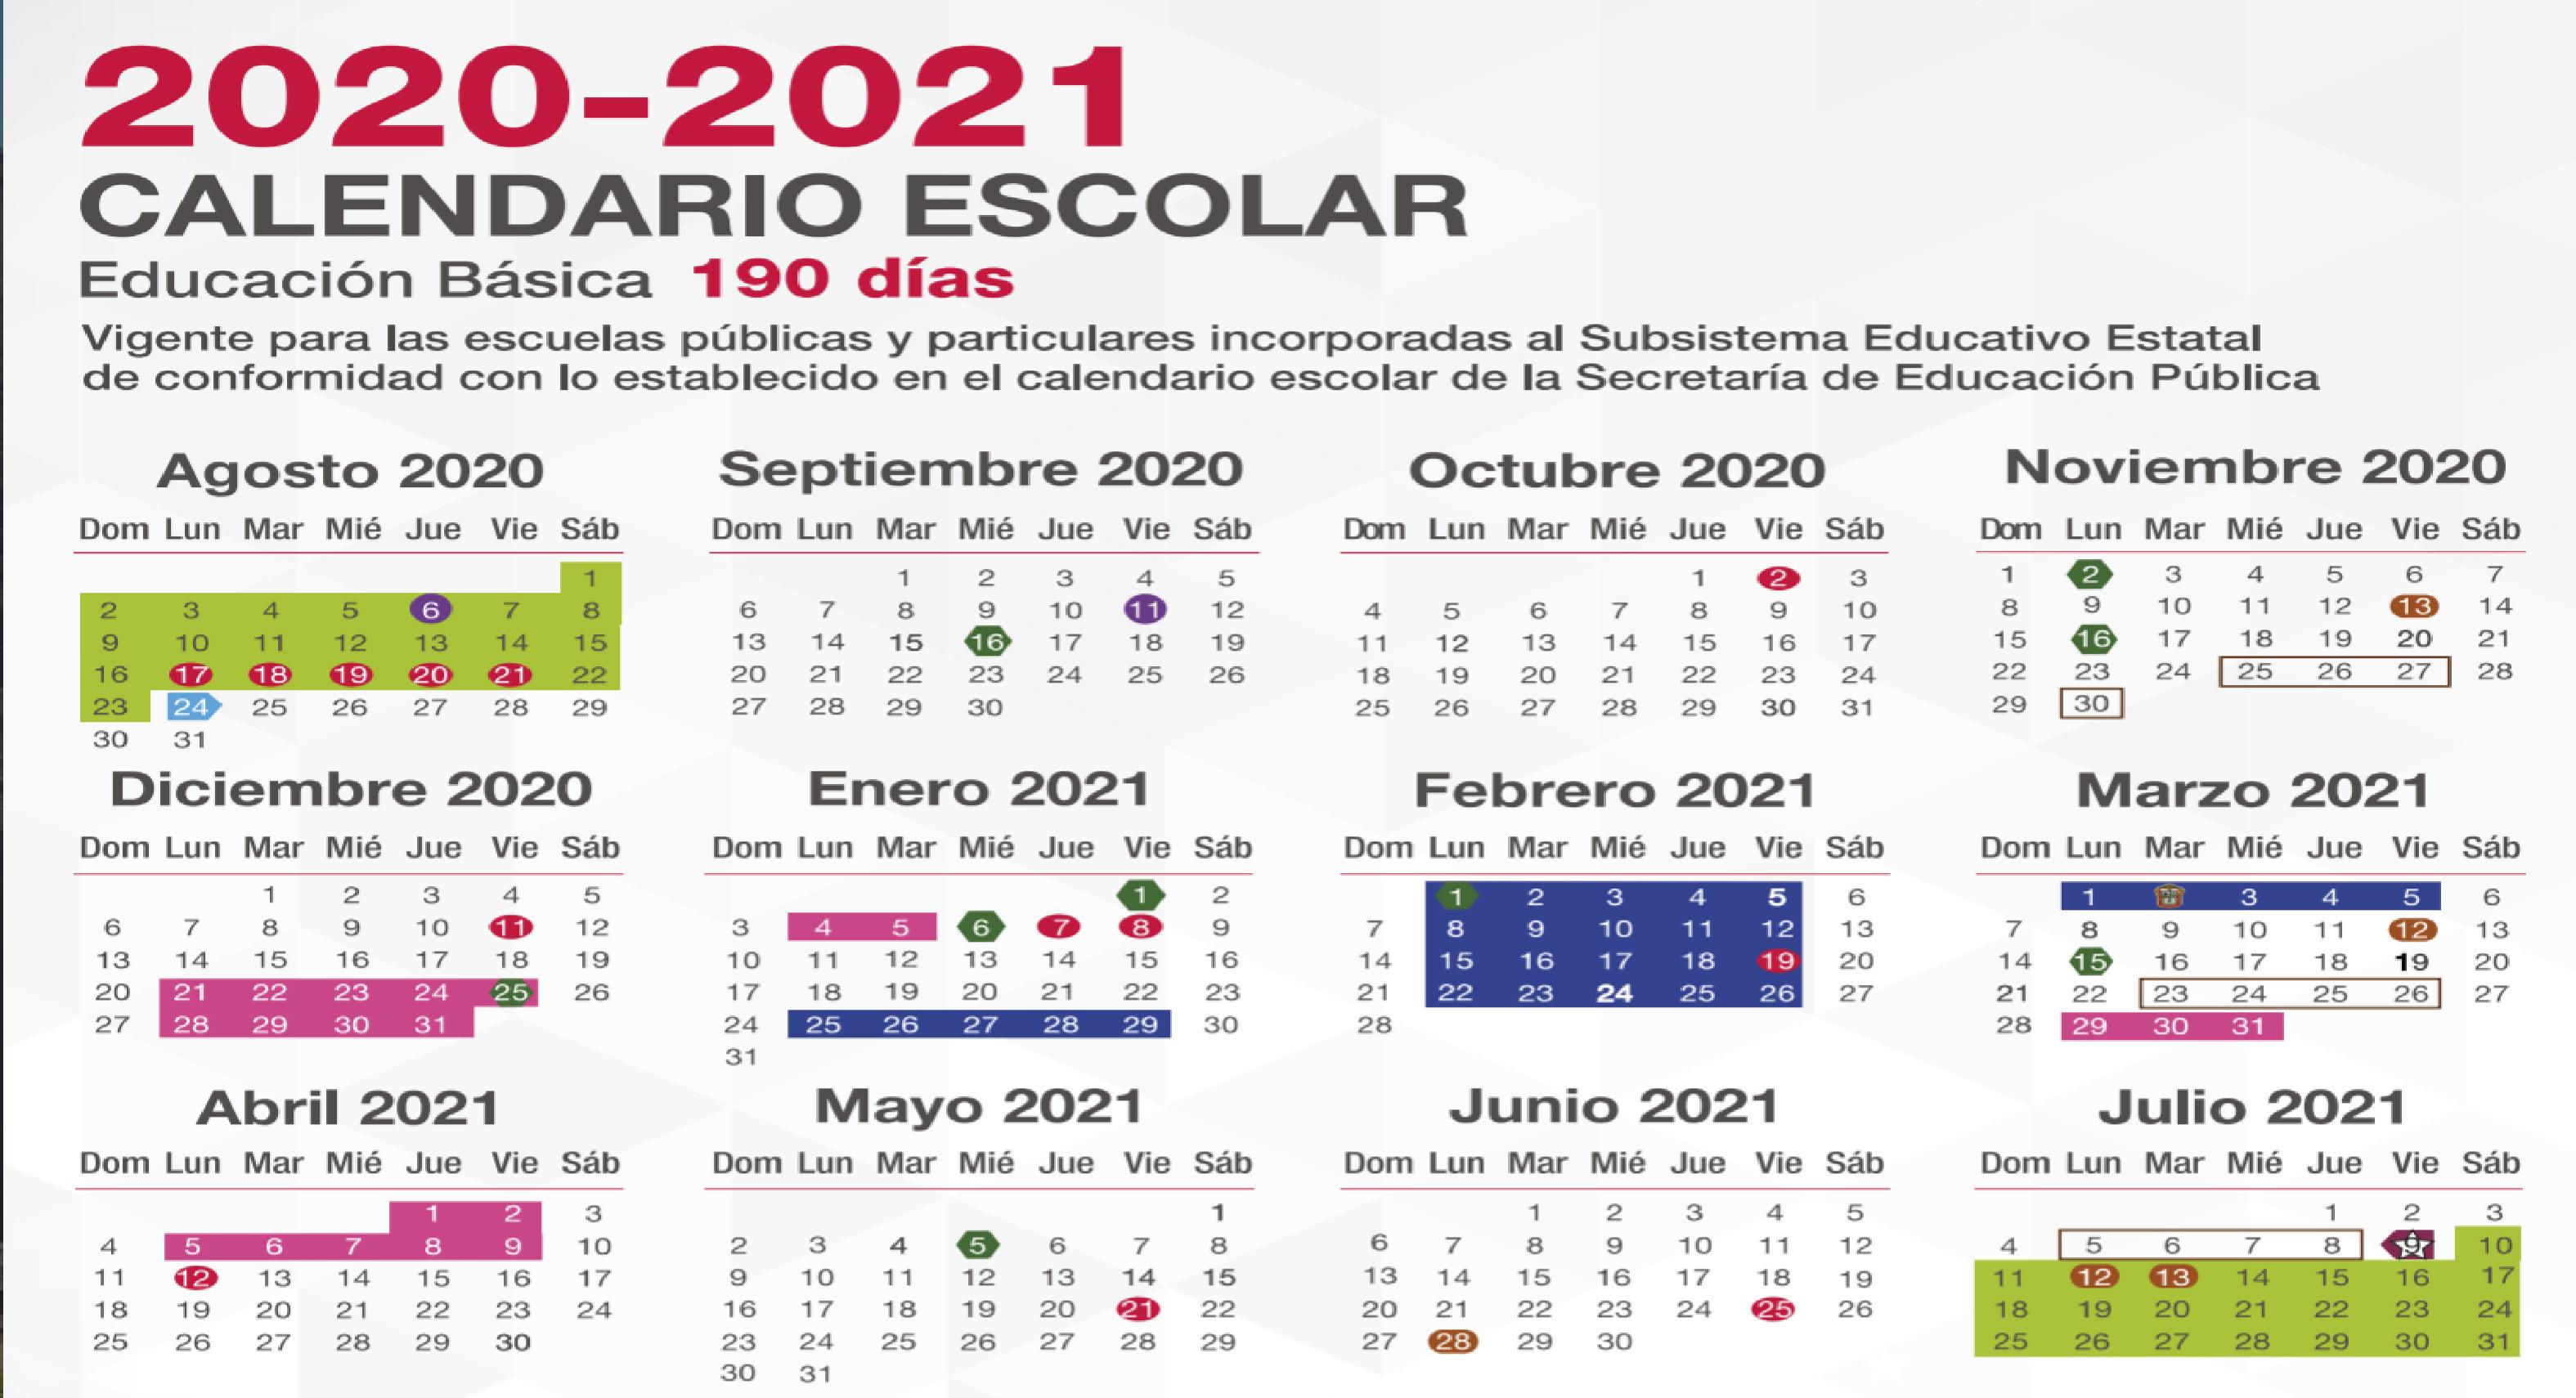 Preinscripciones 2021 preescolar, primaria y secundaria, conoce los detalles